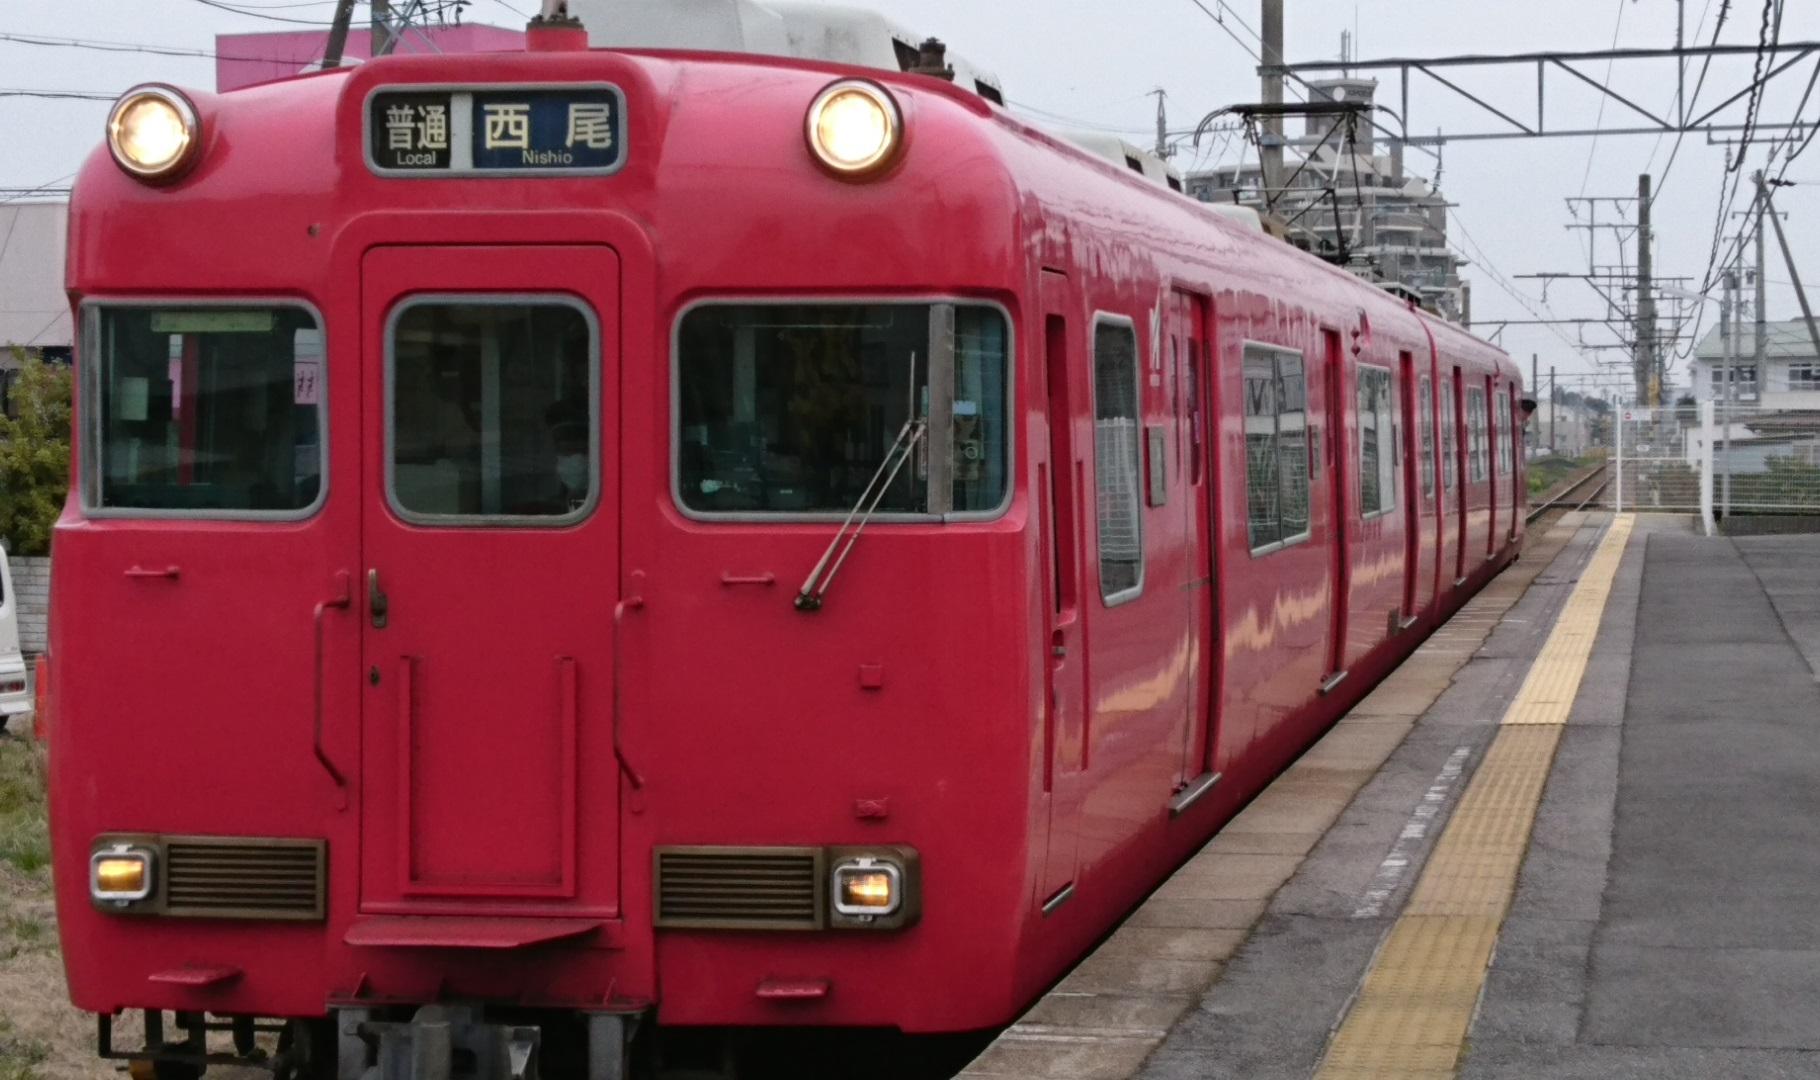 2017.3.14 (1) 古井 - 西尾いきふつう 1820-1080